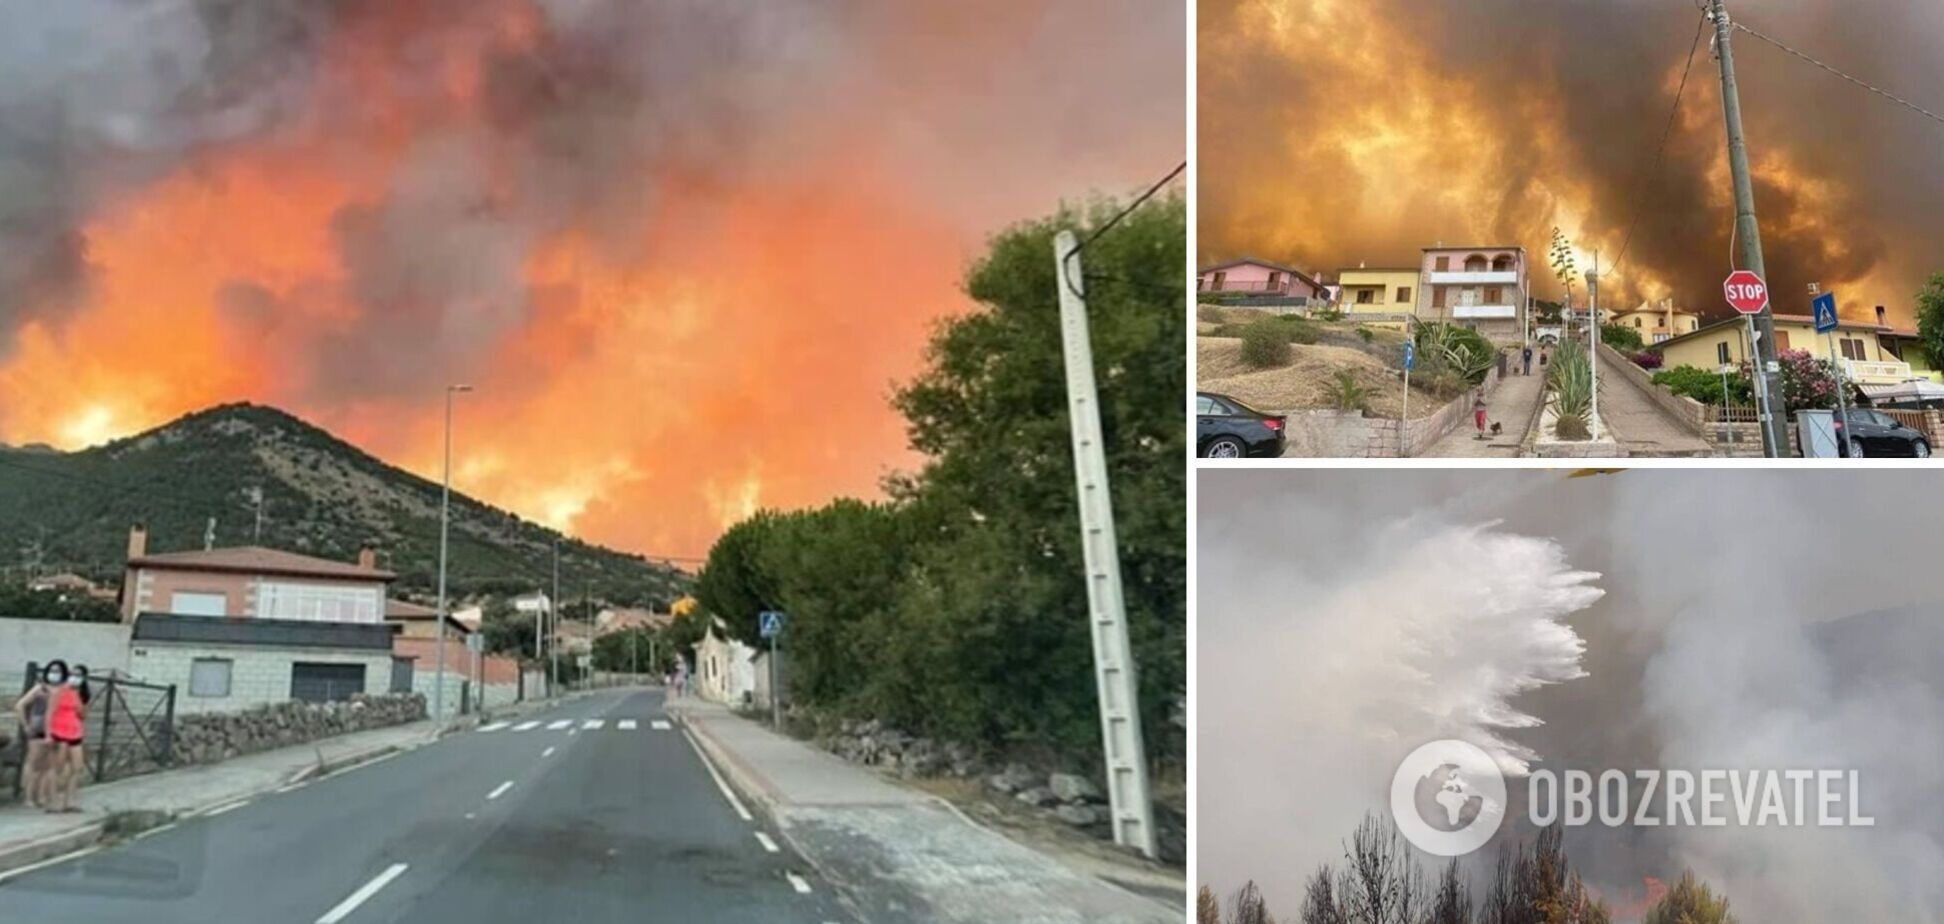 В Іспанії сотні людей евакуювали через потужні лісові пожежі, все навколо затягнув дим. Фото і відео